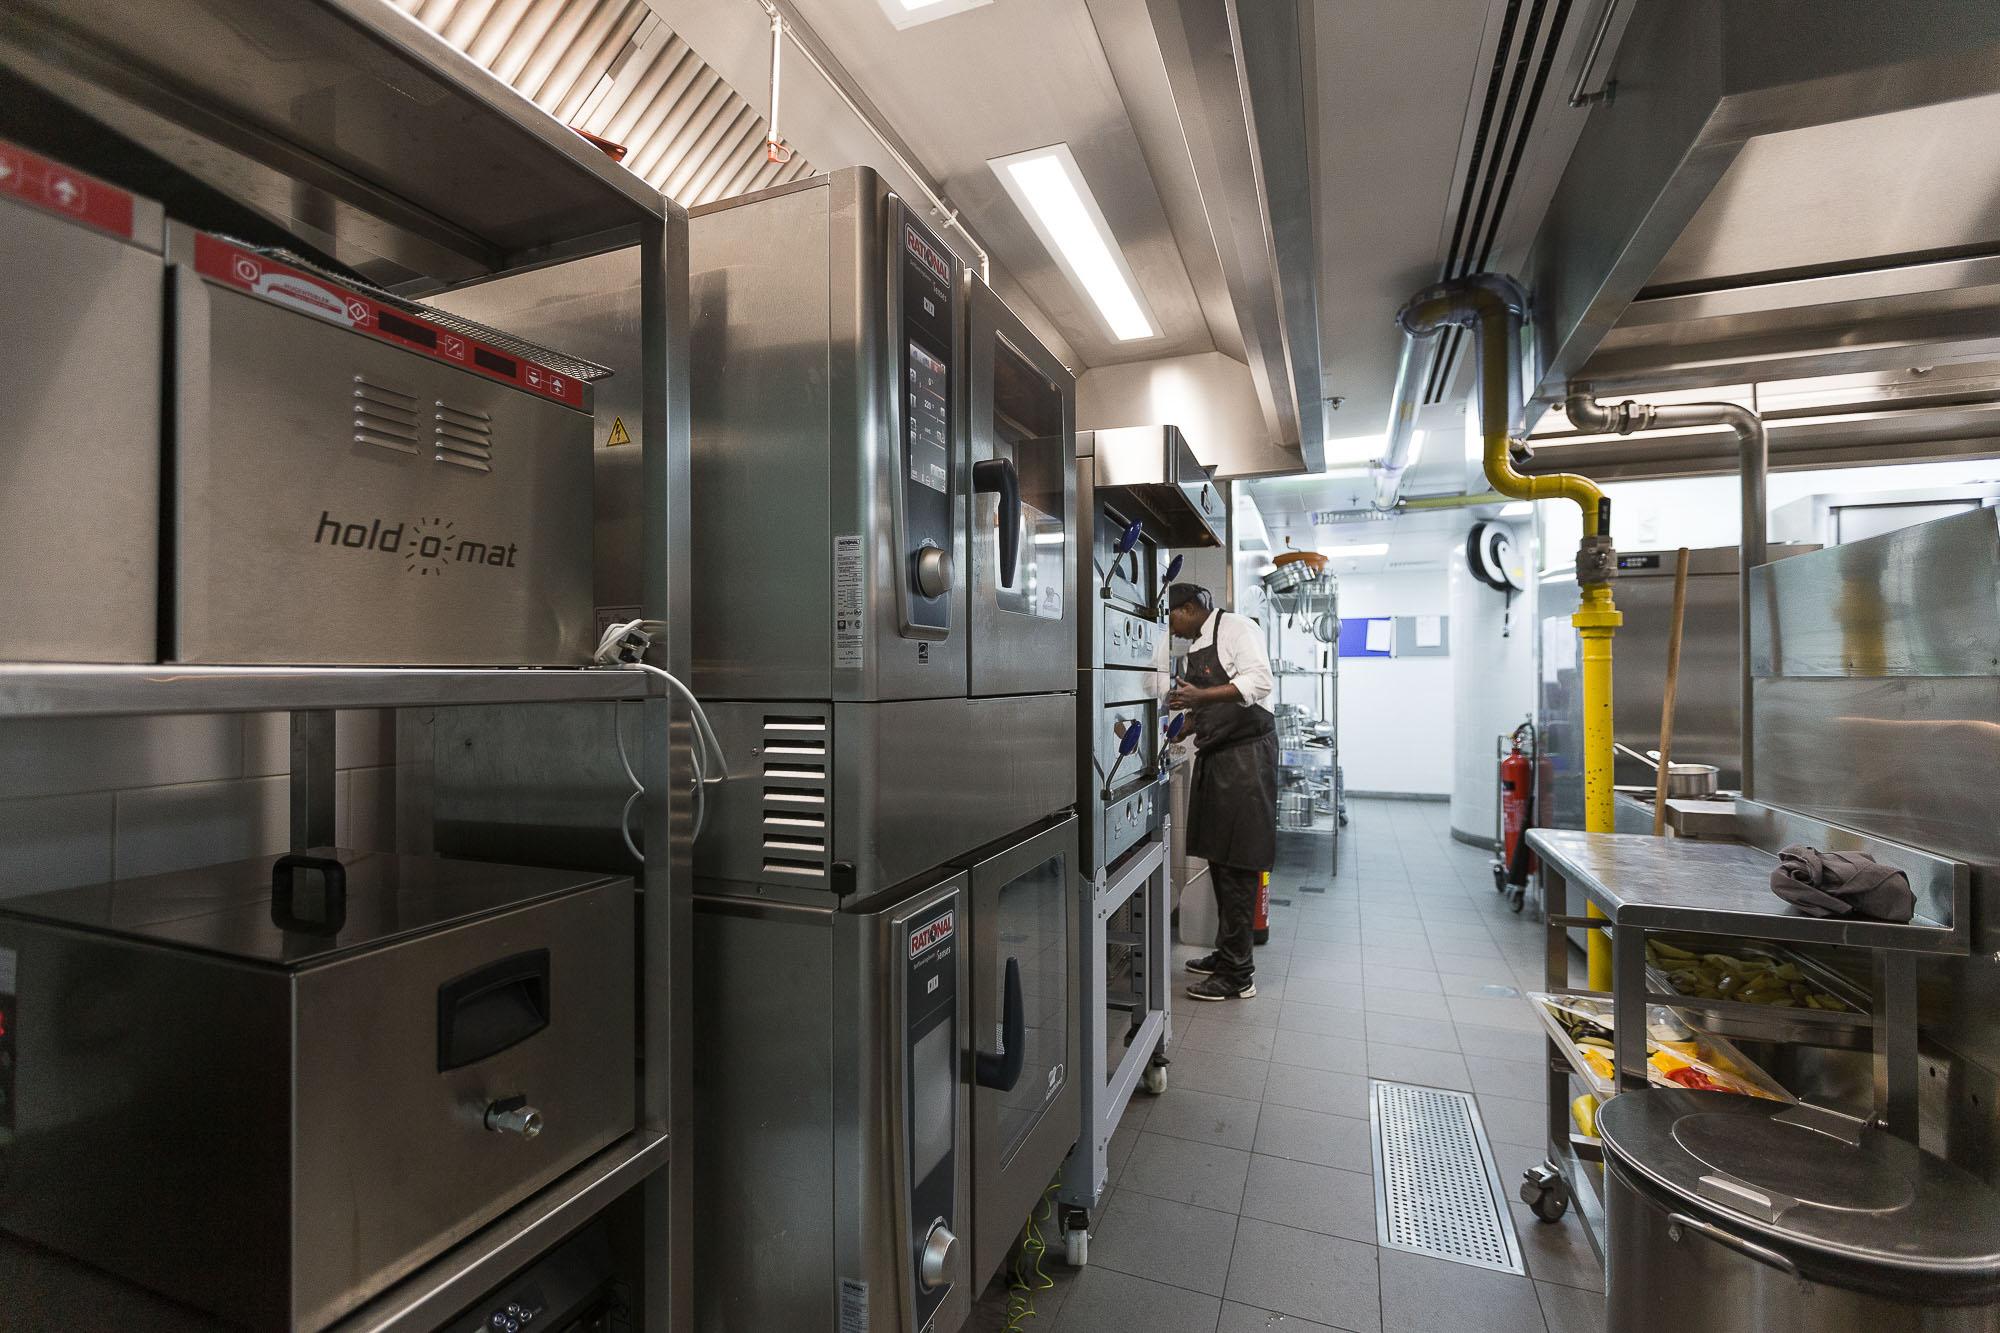 italia_kitchen_robertos_abu_dhabi_25